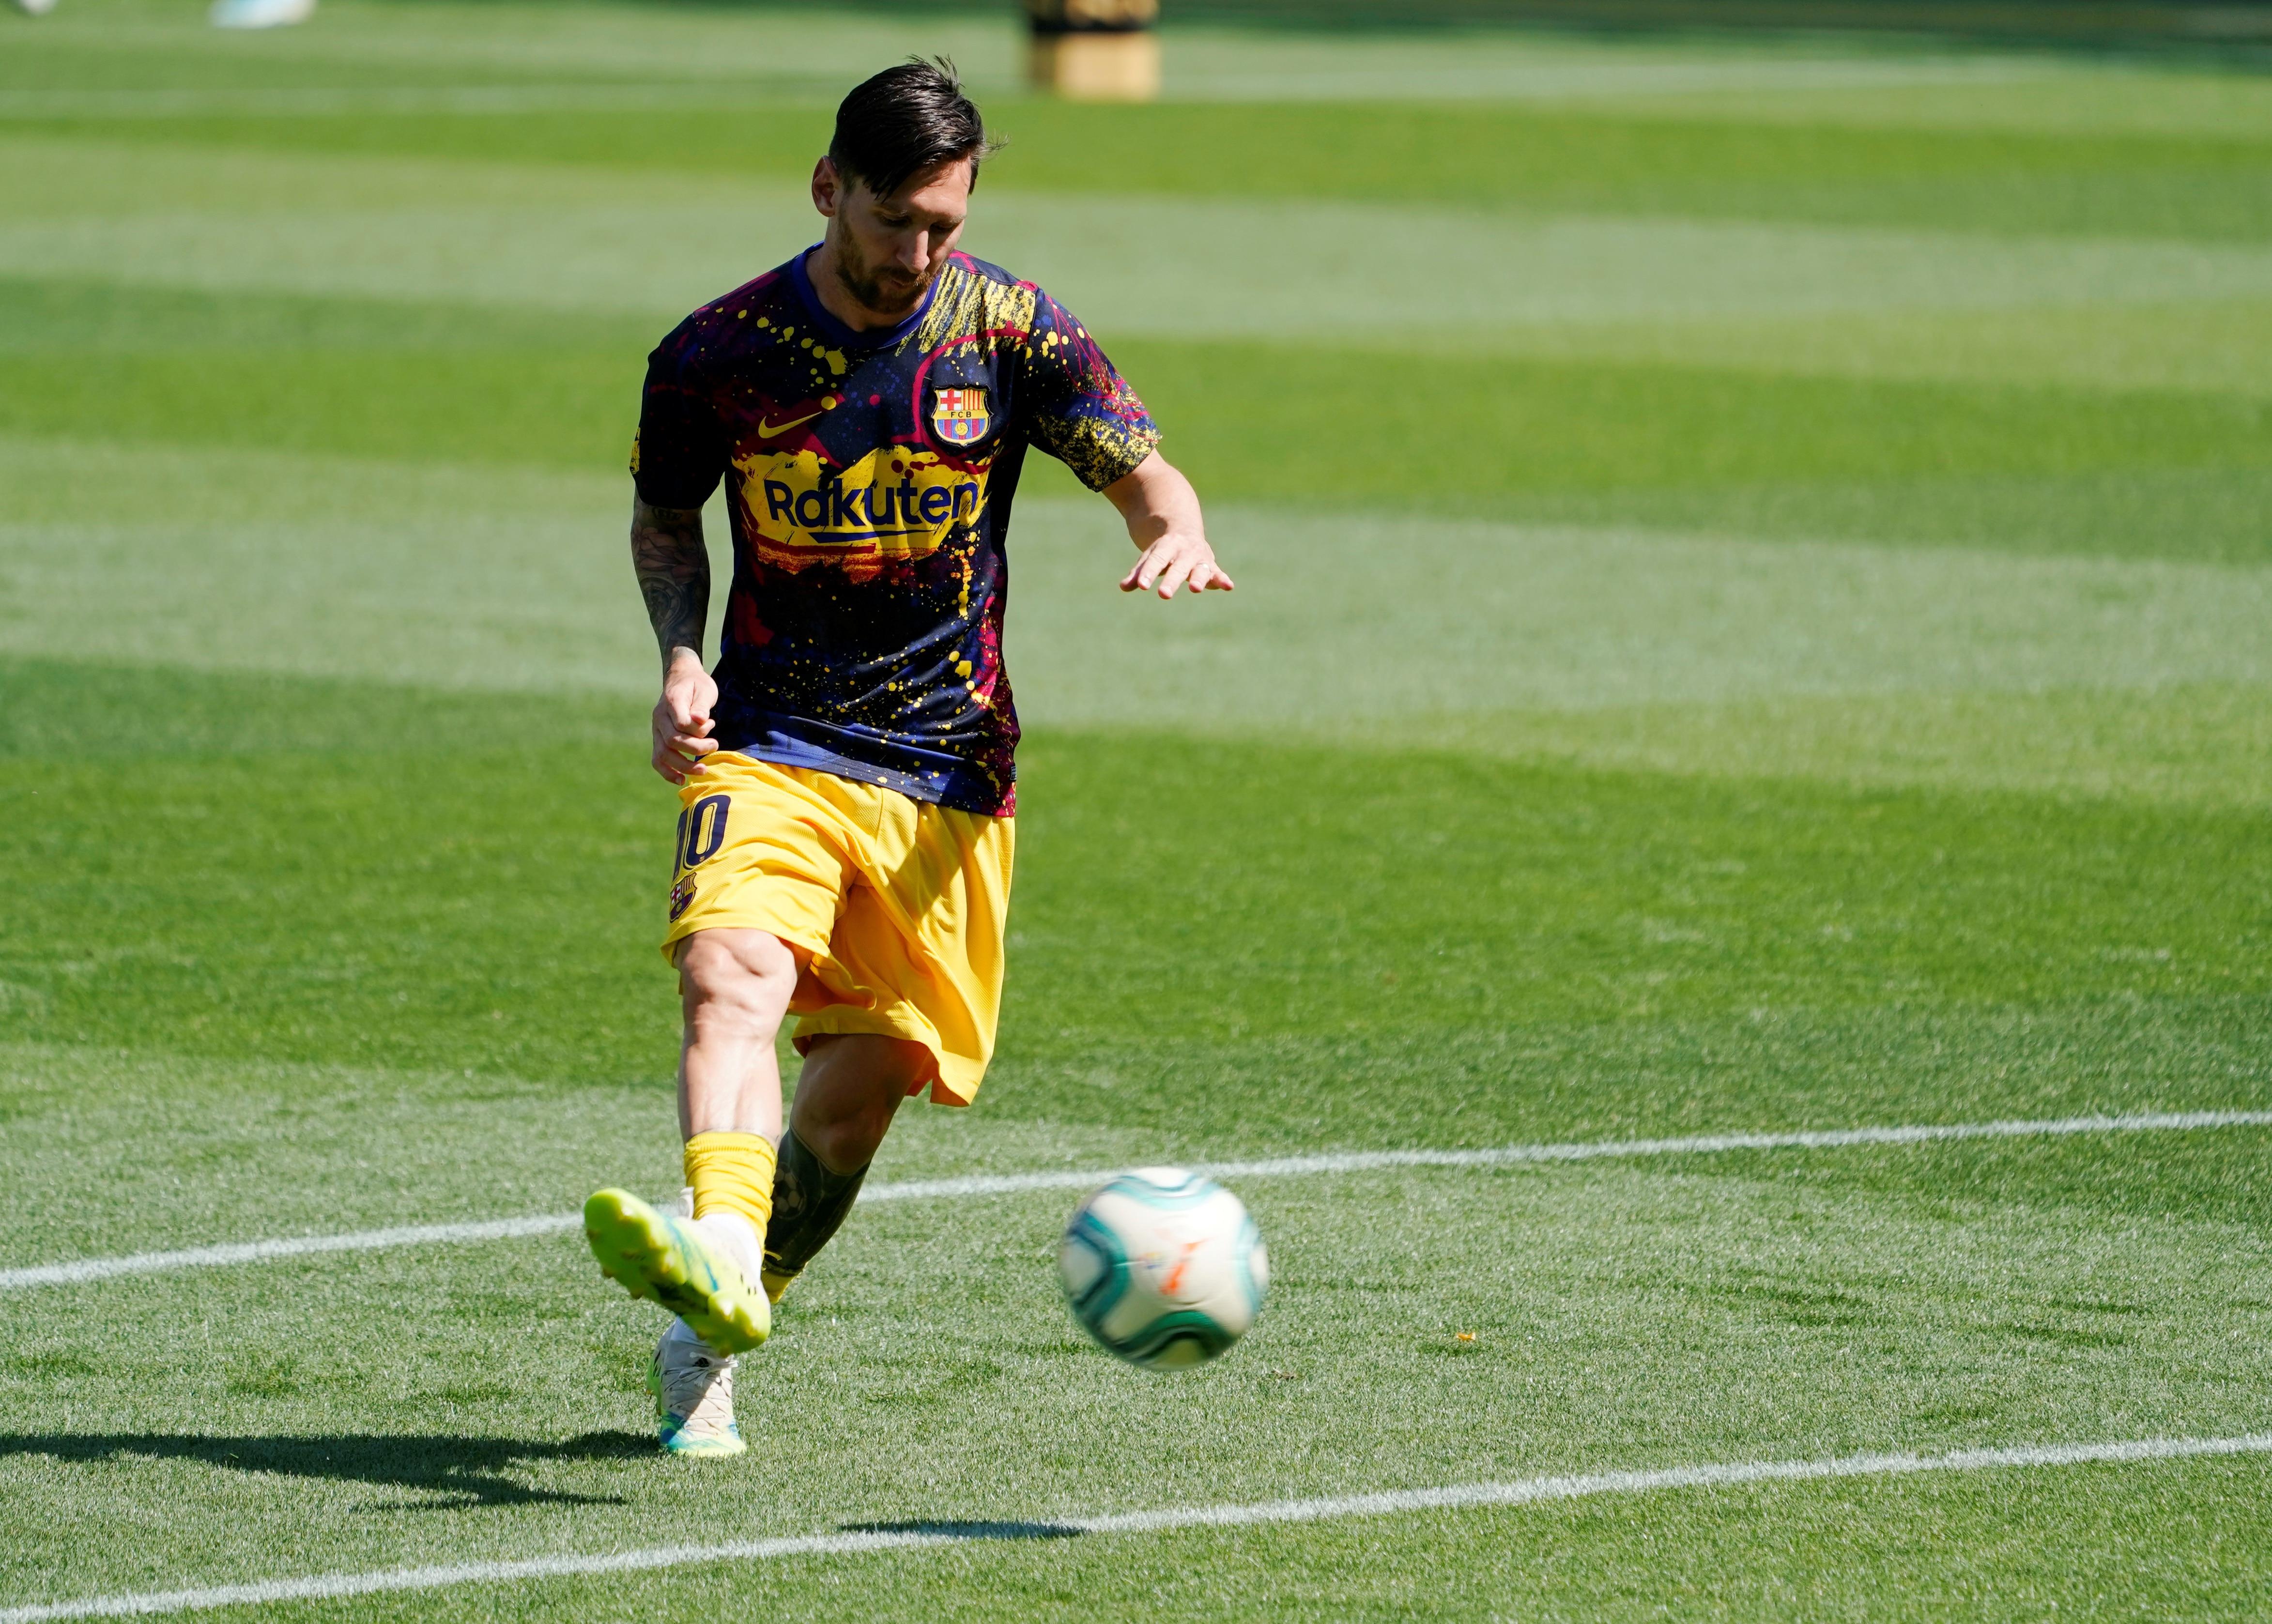 """Lionel Messi contó qué sucedió en el vestuario del Barcelona tras perder el título ante el Real Madrid: """"Ya no hay que hablar más"""" - Infobae"""